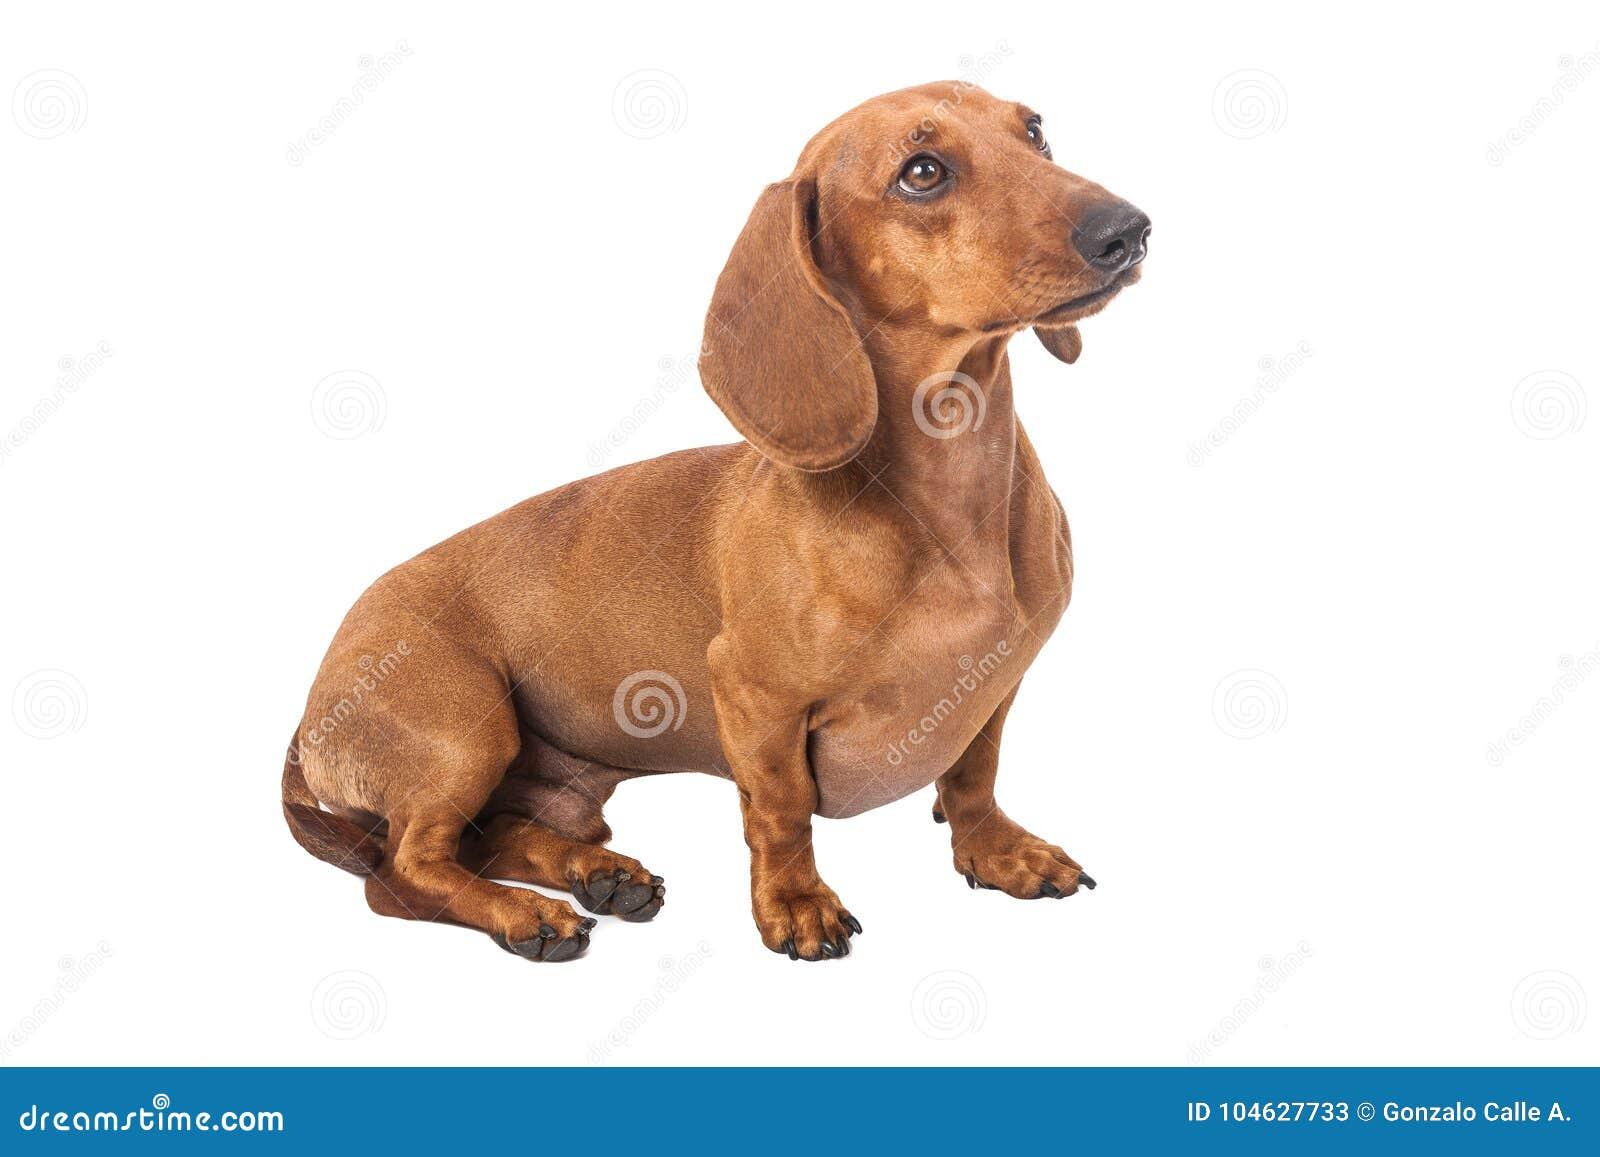 Download De Hond Van De Tekkel Die Over Witte Achtergrond Wordt Geïsoleerdh Stock Afbeelding - Afbeelding bestaande uit dachshund, growth: 104627733